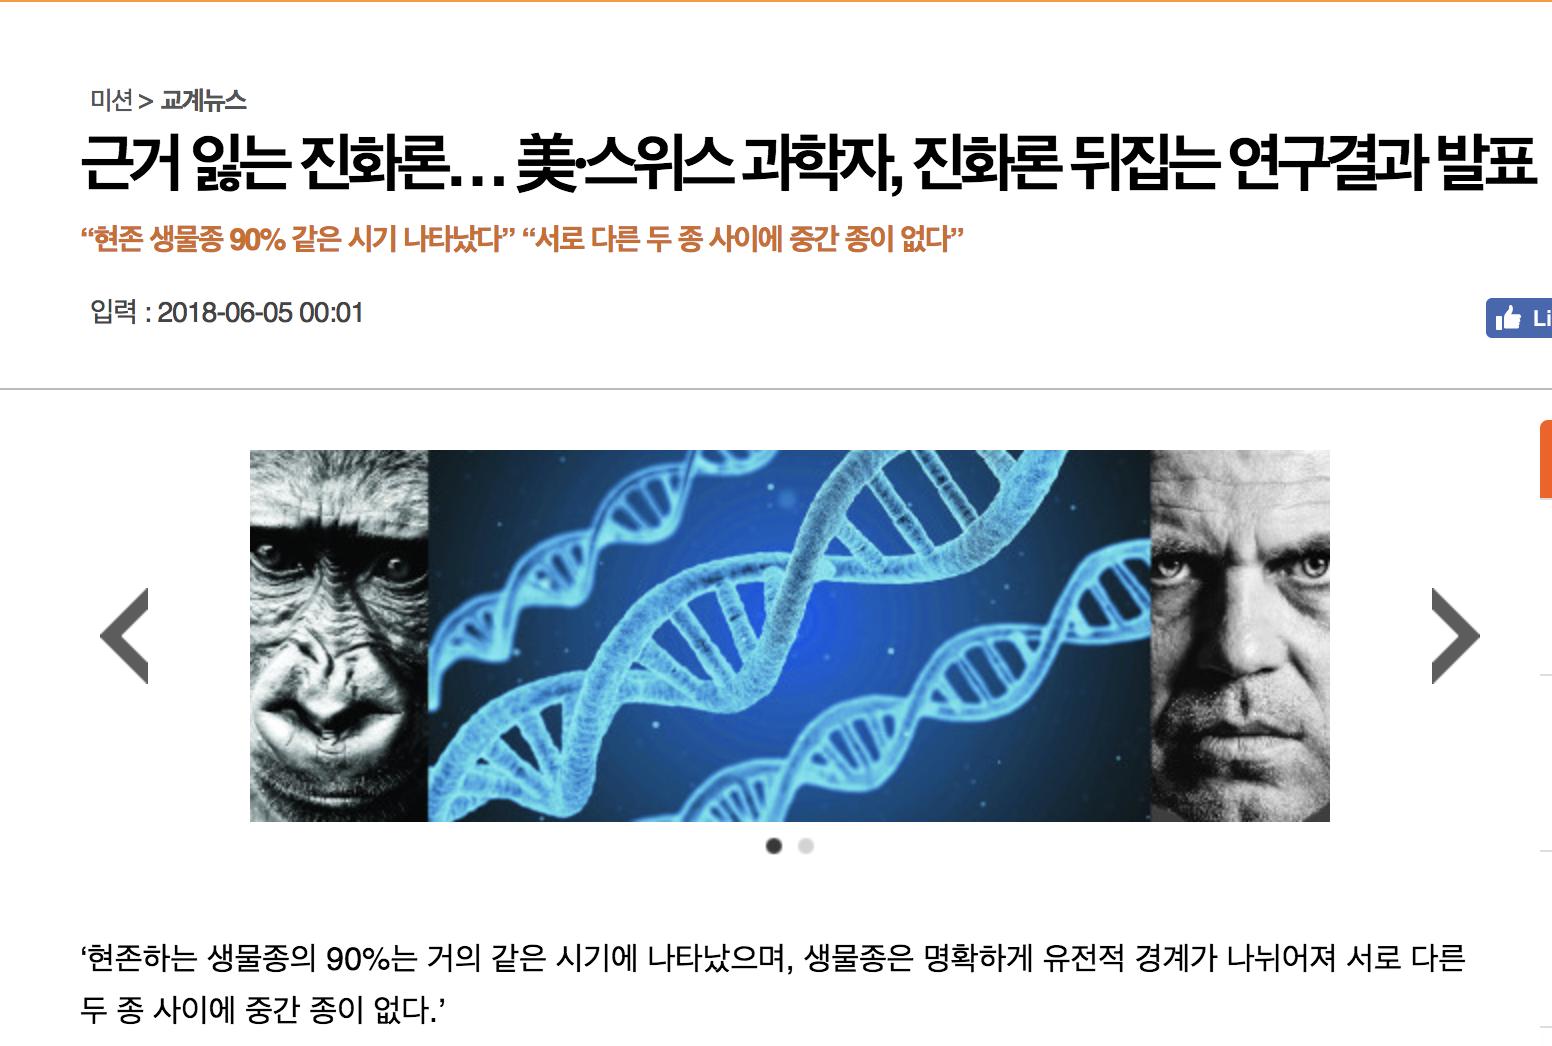 [과도기 이야기] 38. 진화론이 근거를 잃었다고?